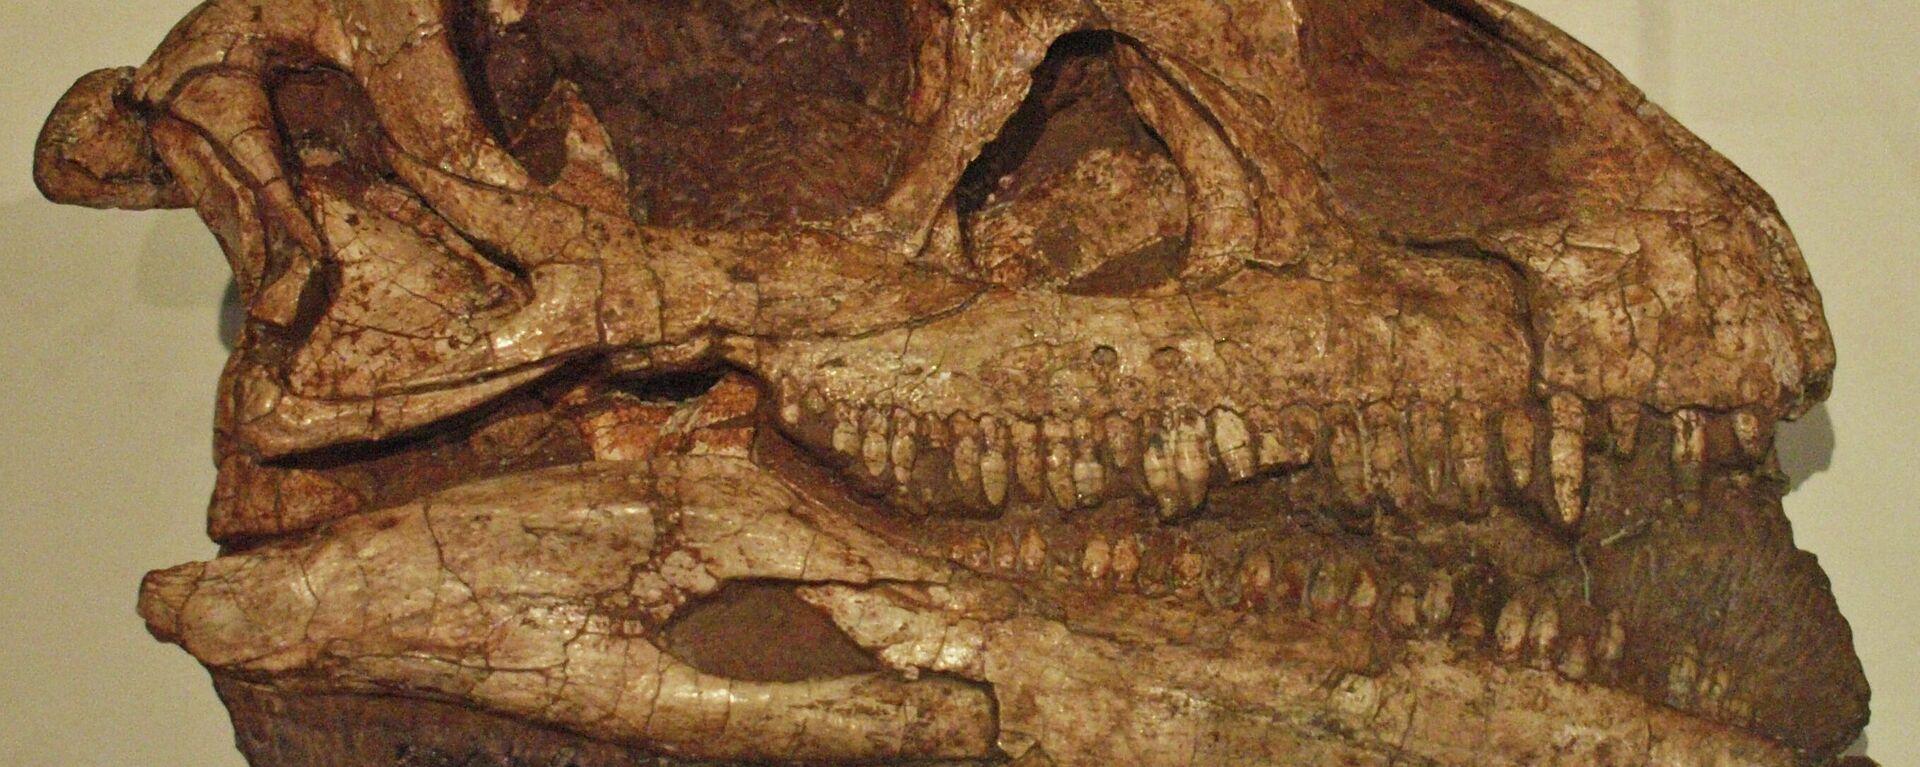 El cráneo fosilizado de un Massospondylus carinatus - Sputnik Mundo, 1920, 13.05.2021